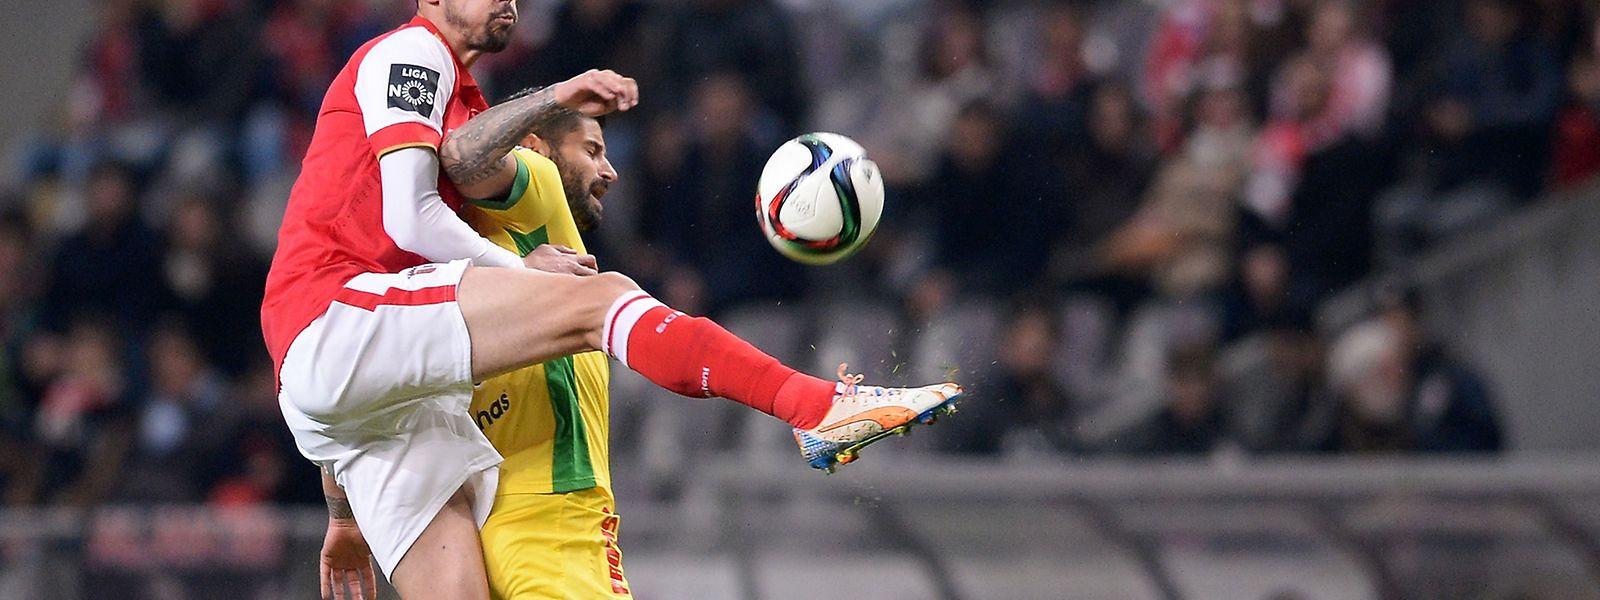 André Pinto (E) do Sporting de Braga disputa a bola com Helder Lopes do Paços de Ferreira